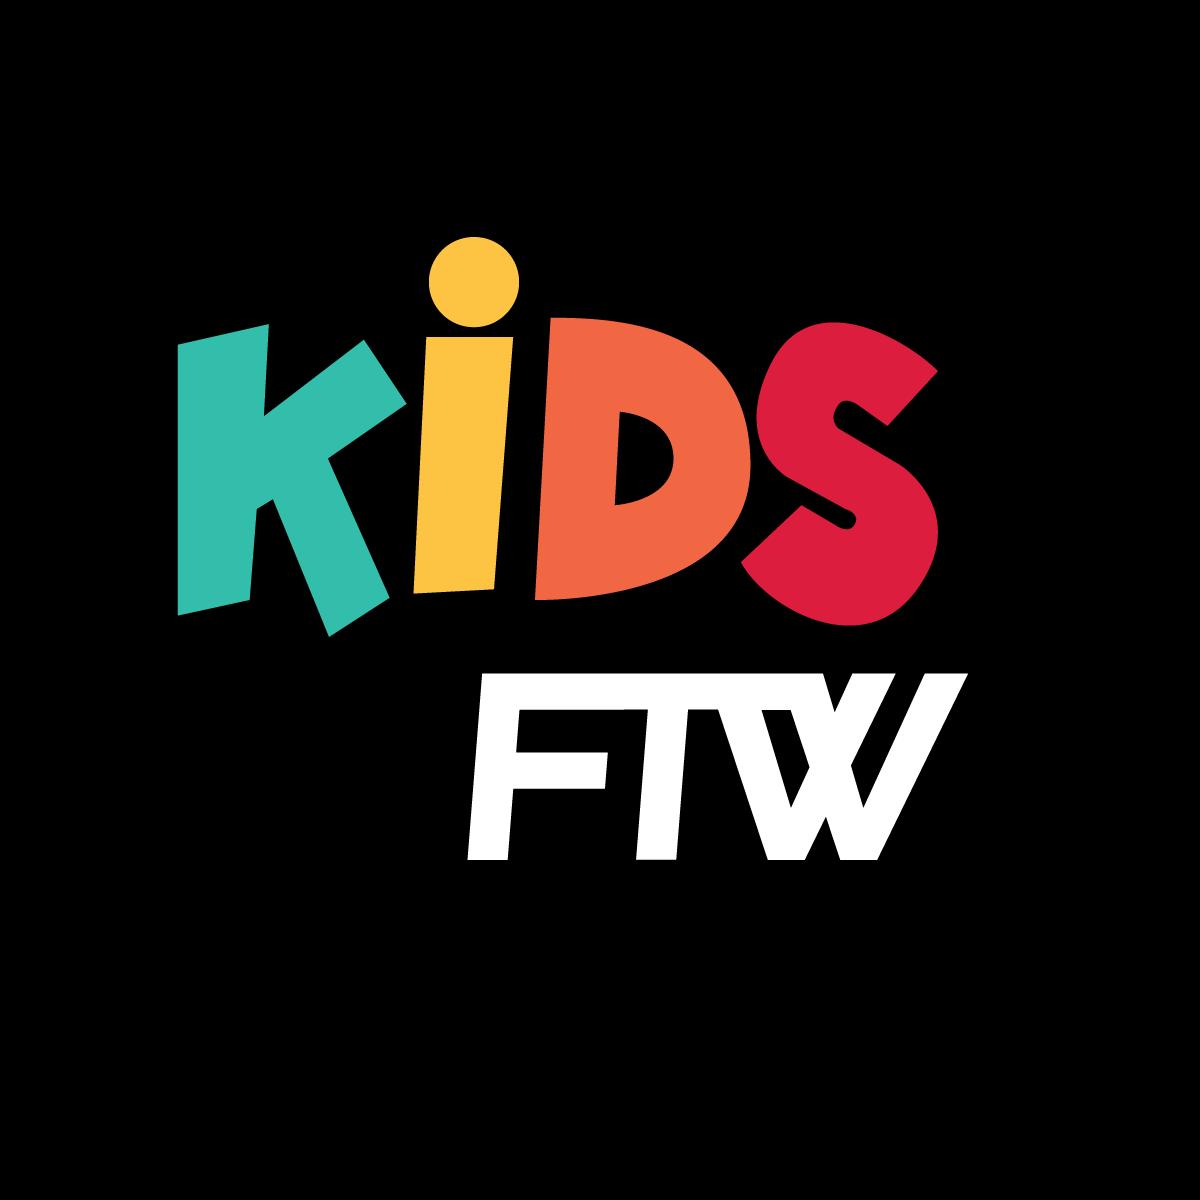 FTW_Kids-Avatar-COLOR.png